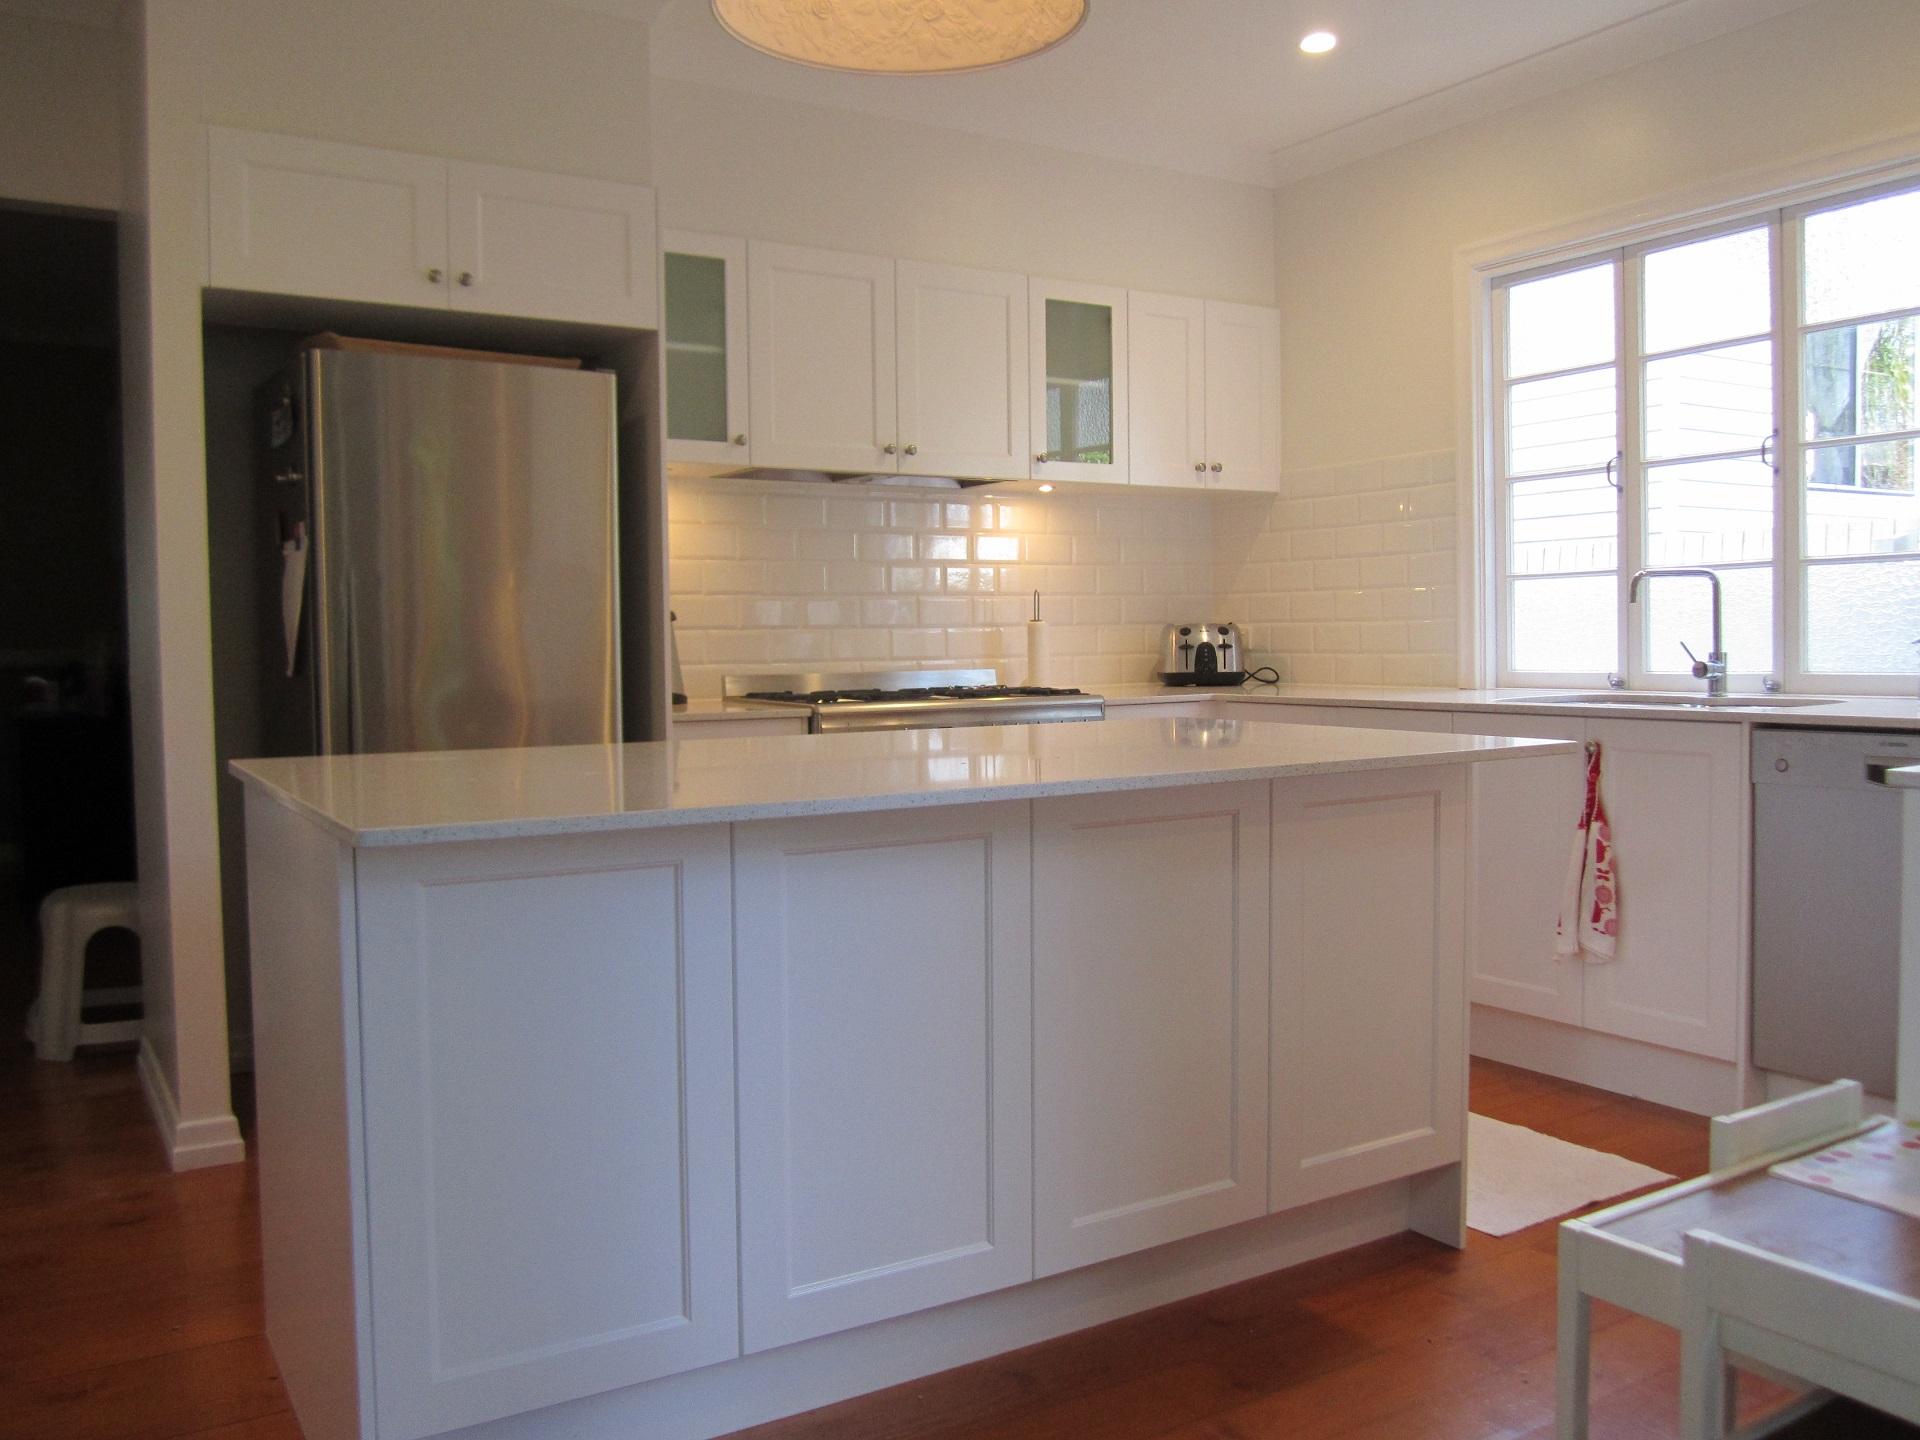 brisbane-kitchen-design-windsor-shaker-kitchen-5